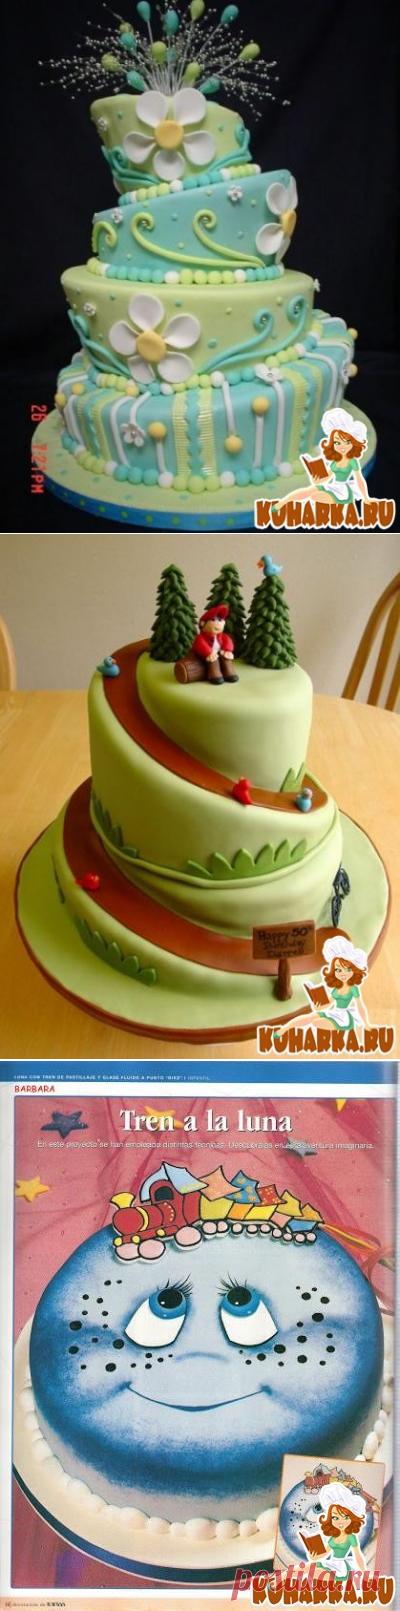 Мастер-классы украшения тортов   Украшение тортов,кексов,пирожных ... 80efe176322